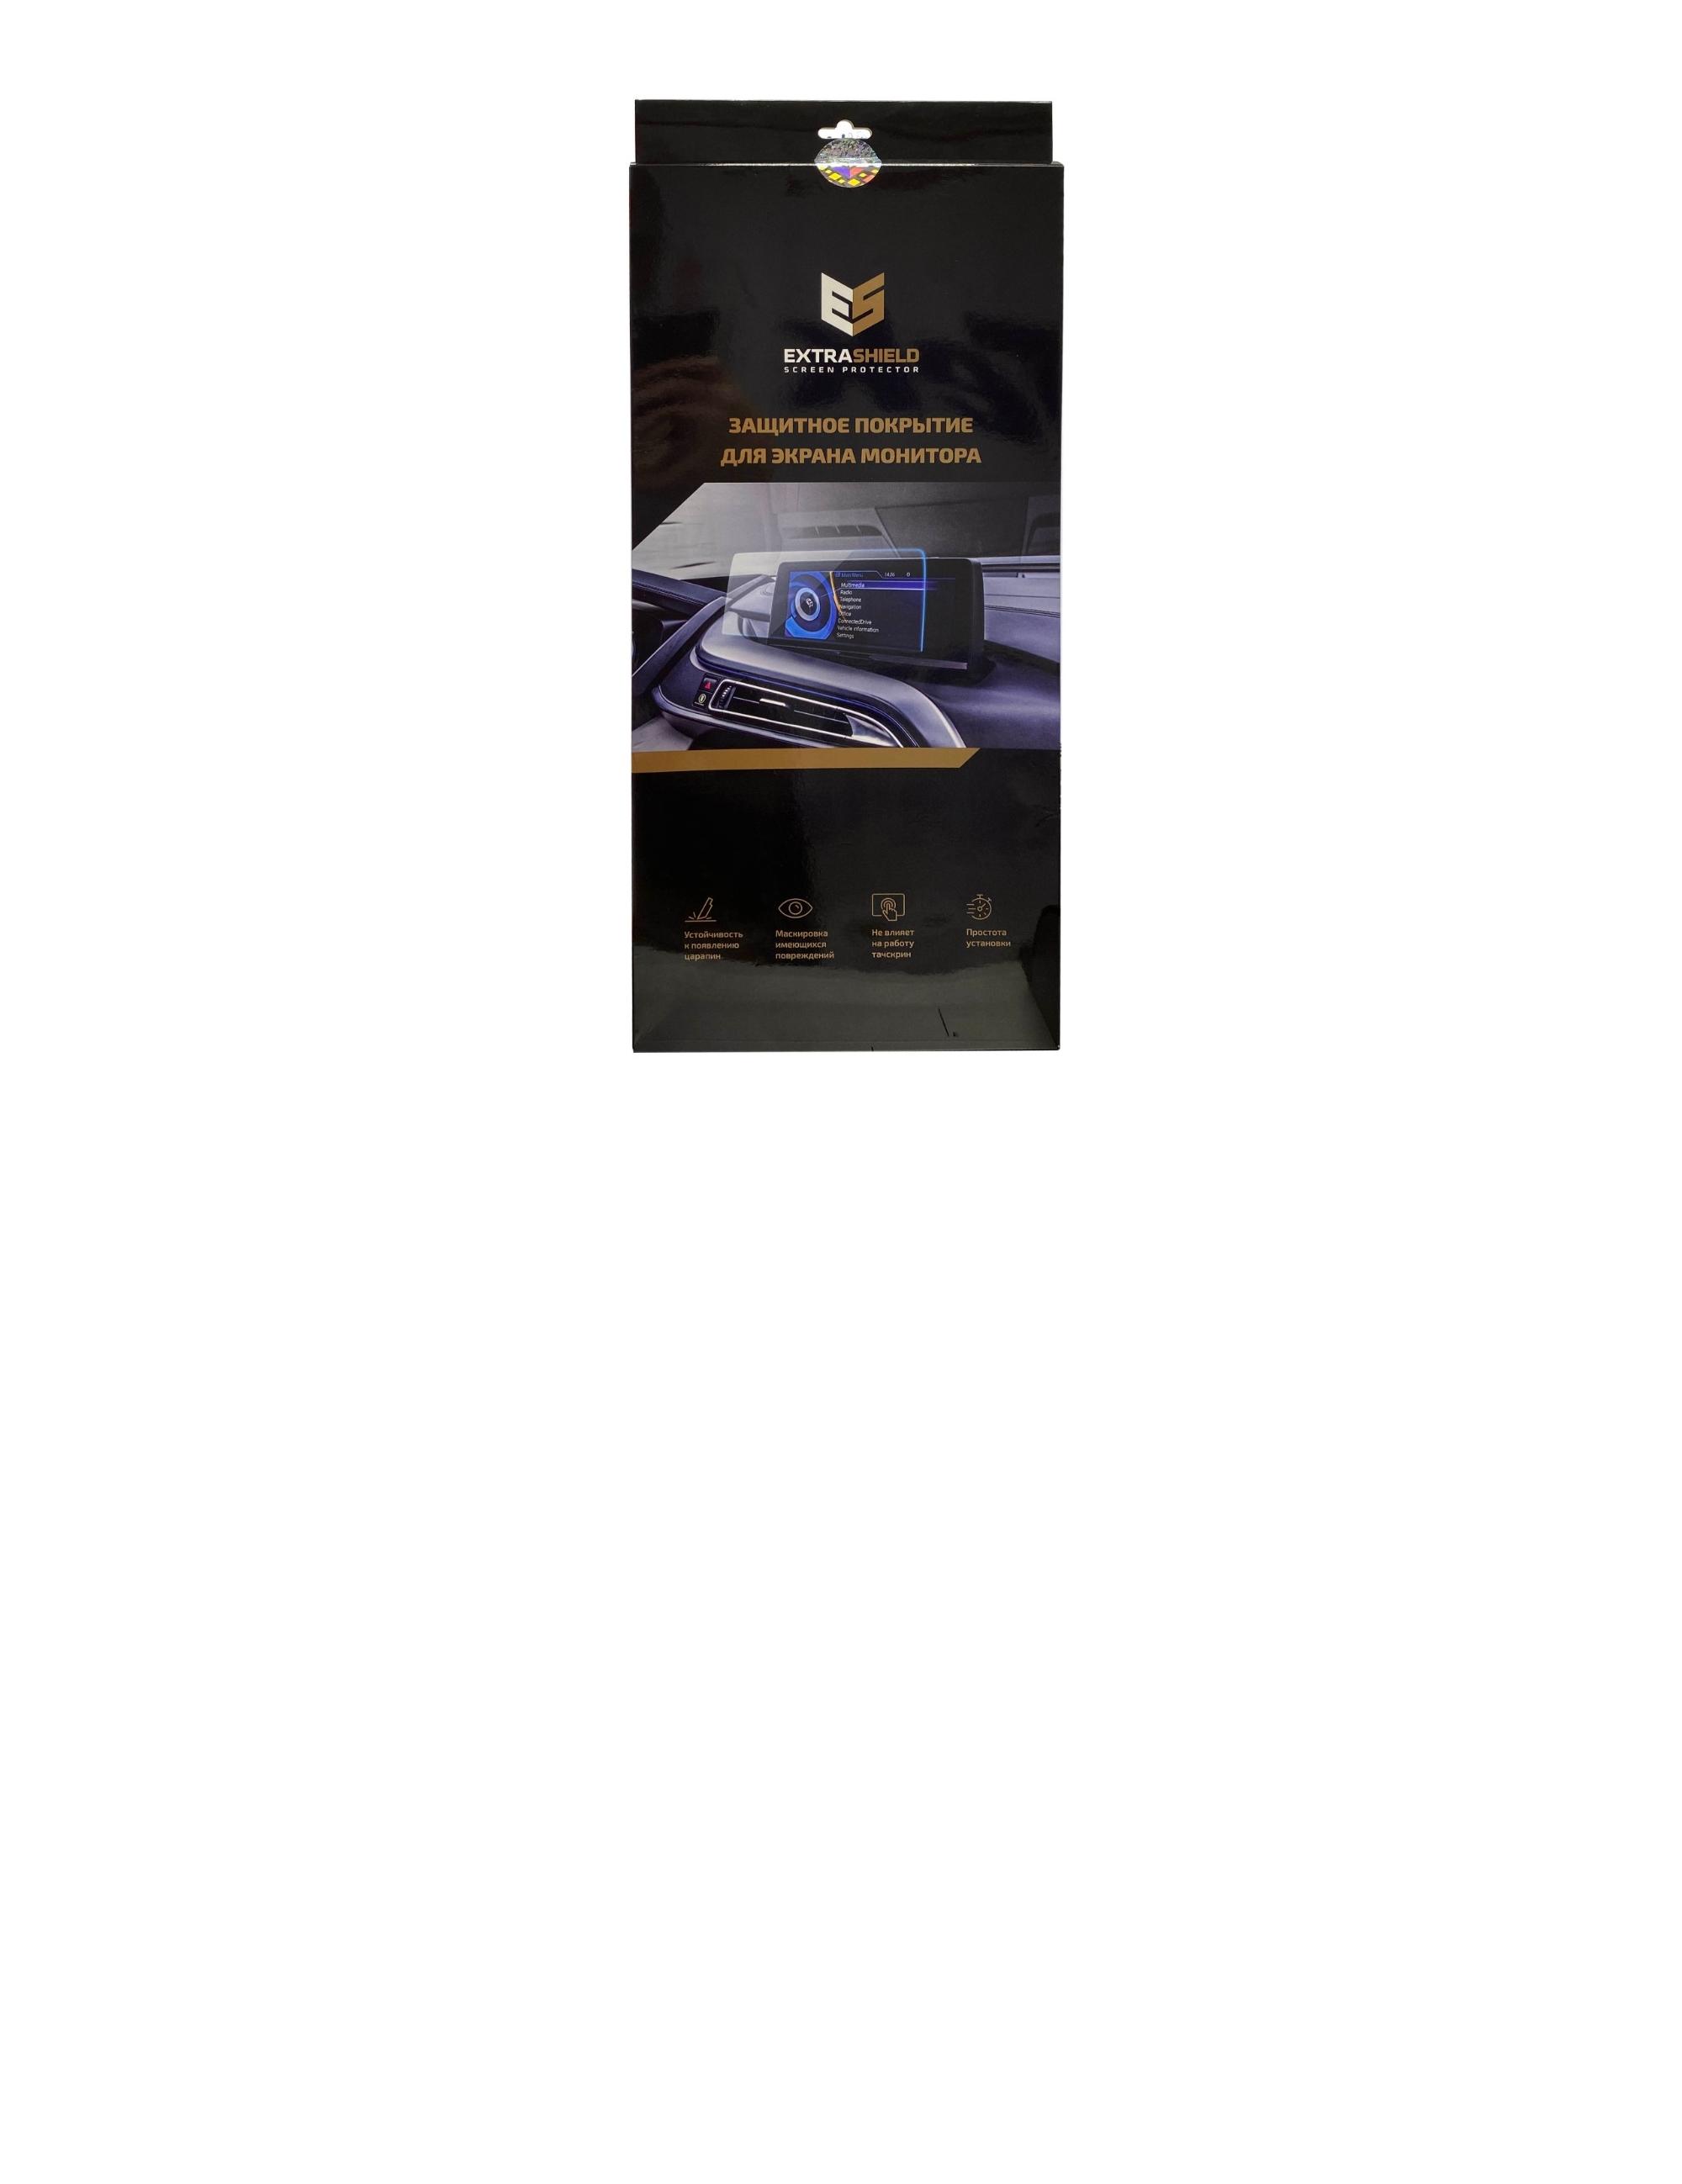 BMW 4 серия (G22) 2020 - н.в. приборная панель (без датчика) 12,3 Статическая пленка Матовая